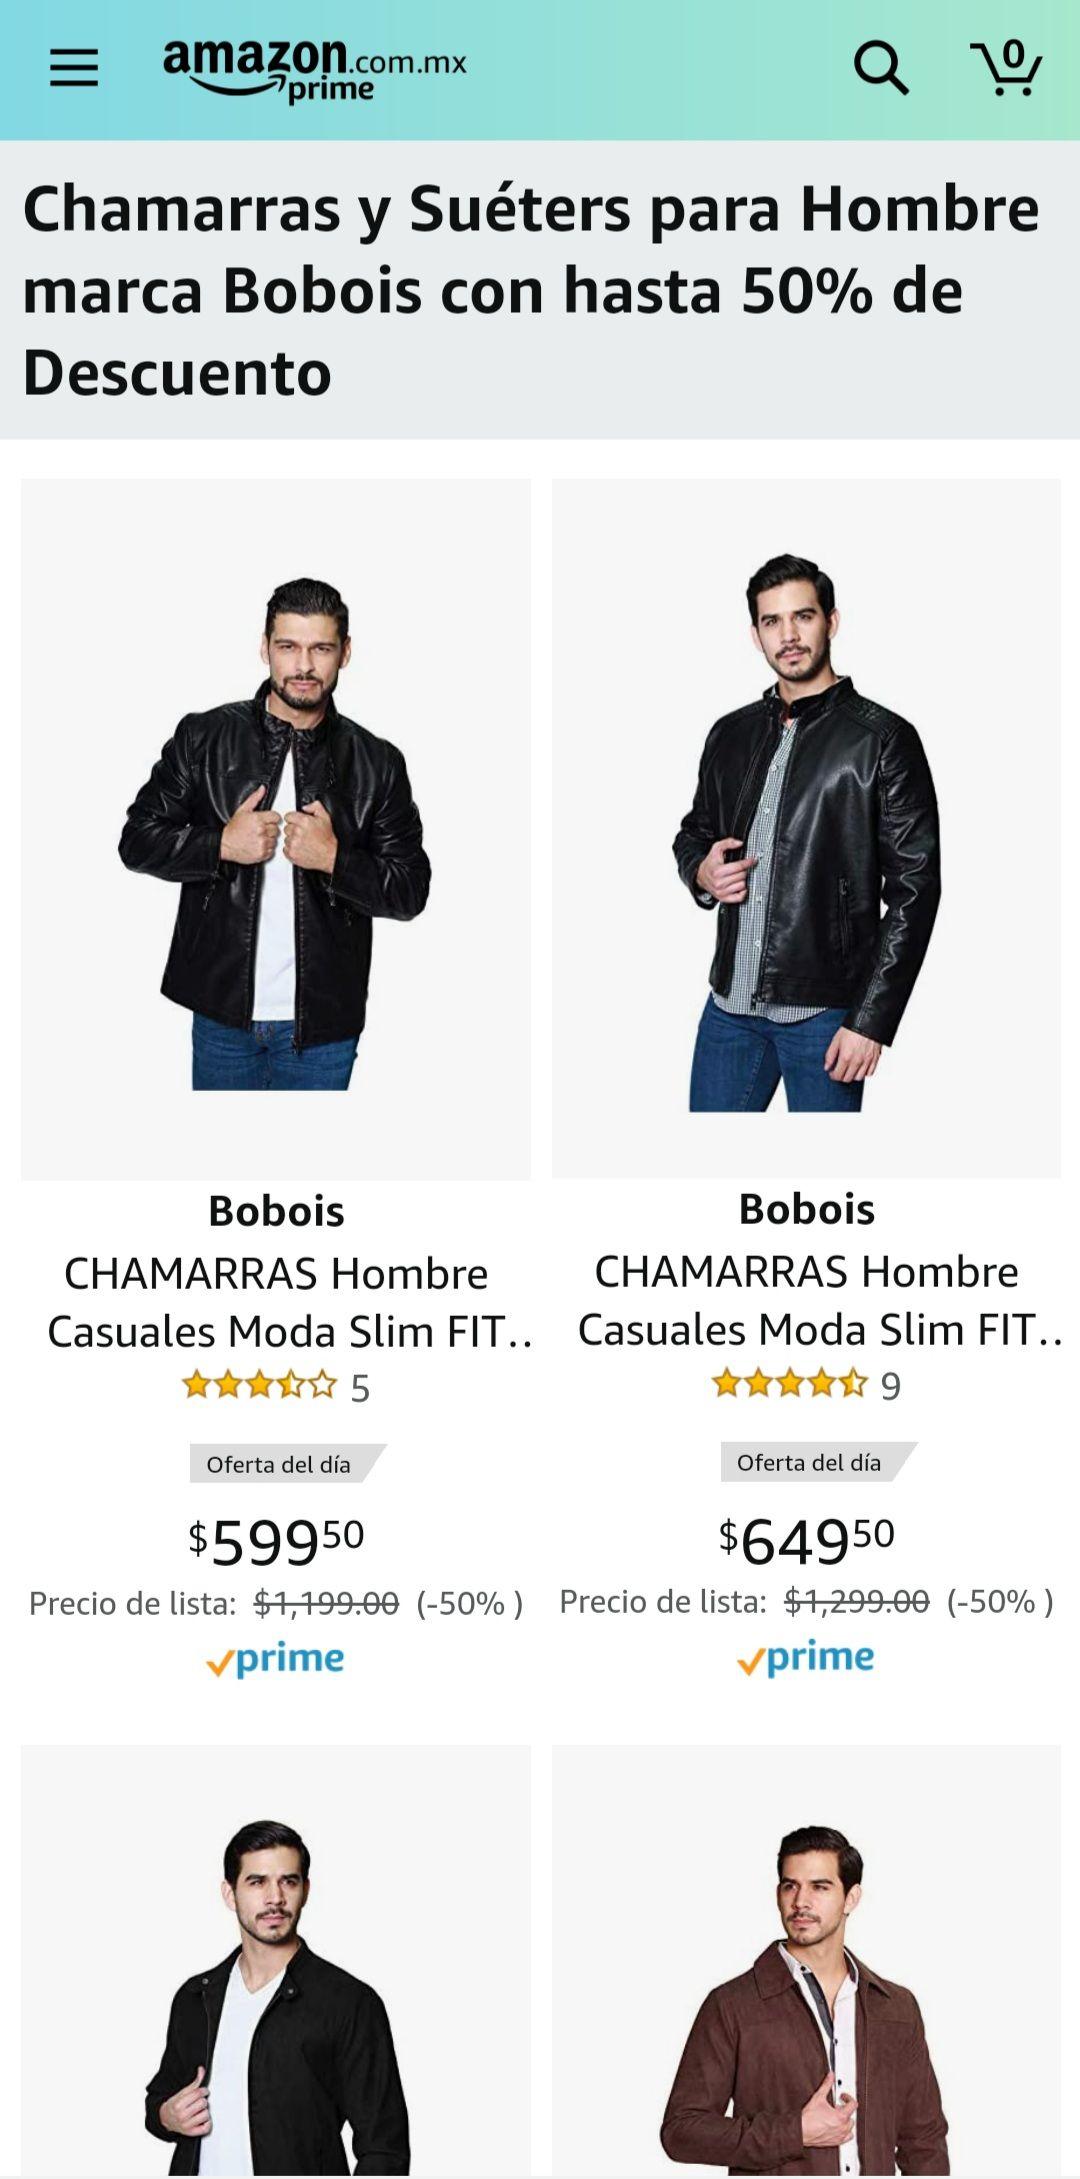 Amazon: Chamarras y Suéters para Hombre Bobois hasta 50%